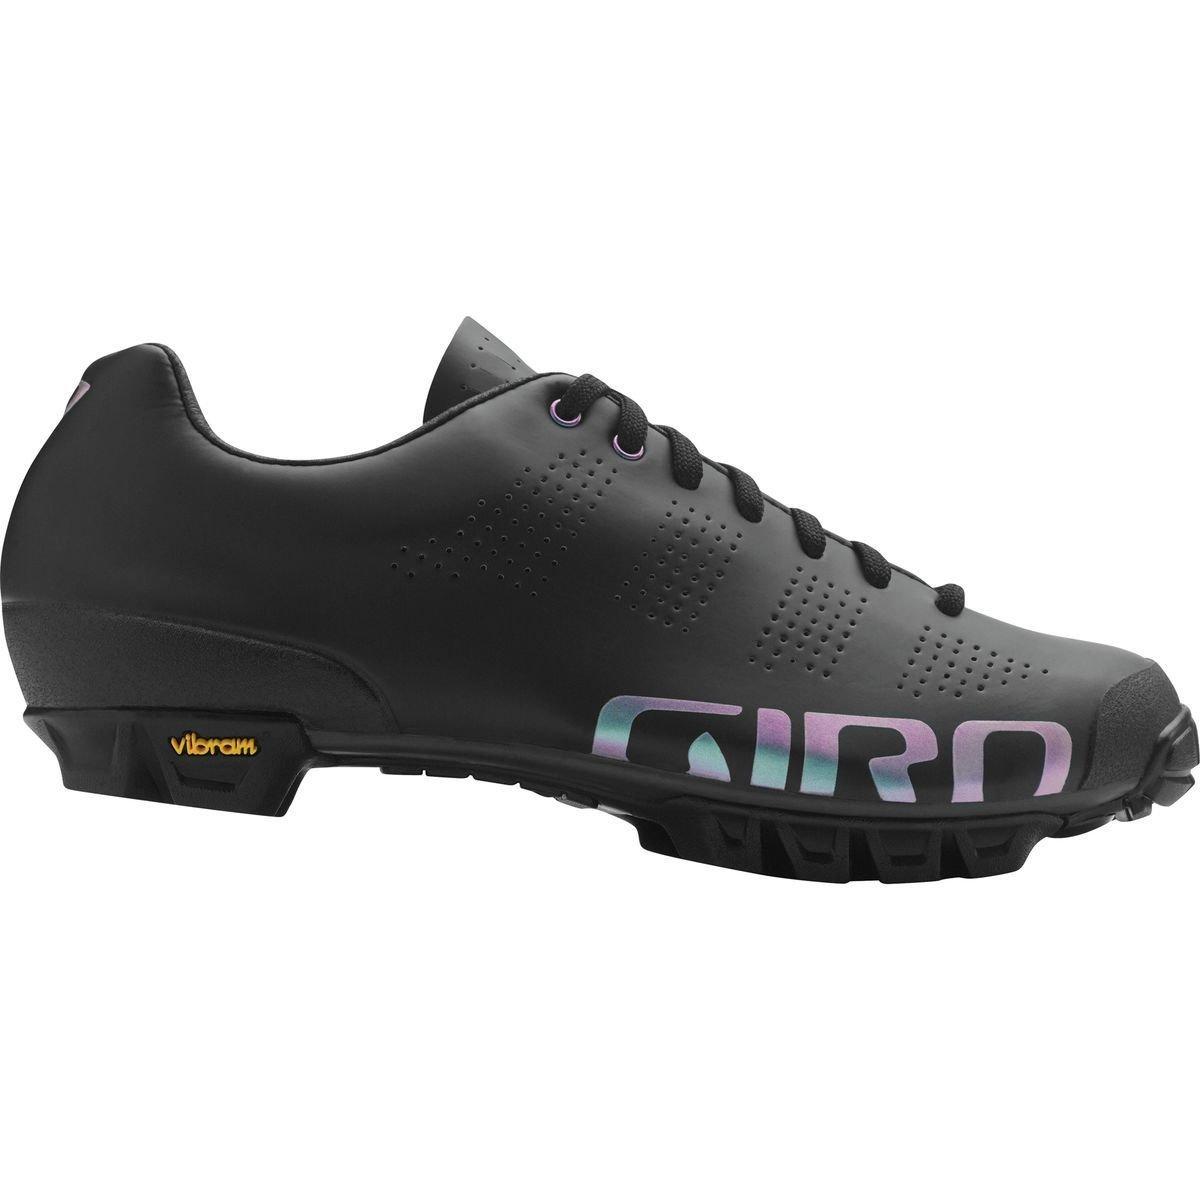 [ジロ Giro] レディース スポーツ サイクリング Empire W VR90 Shoe [並行輸入品] B07FNC6NK5 38